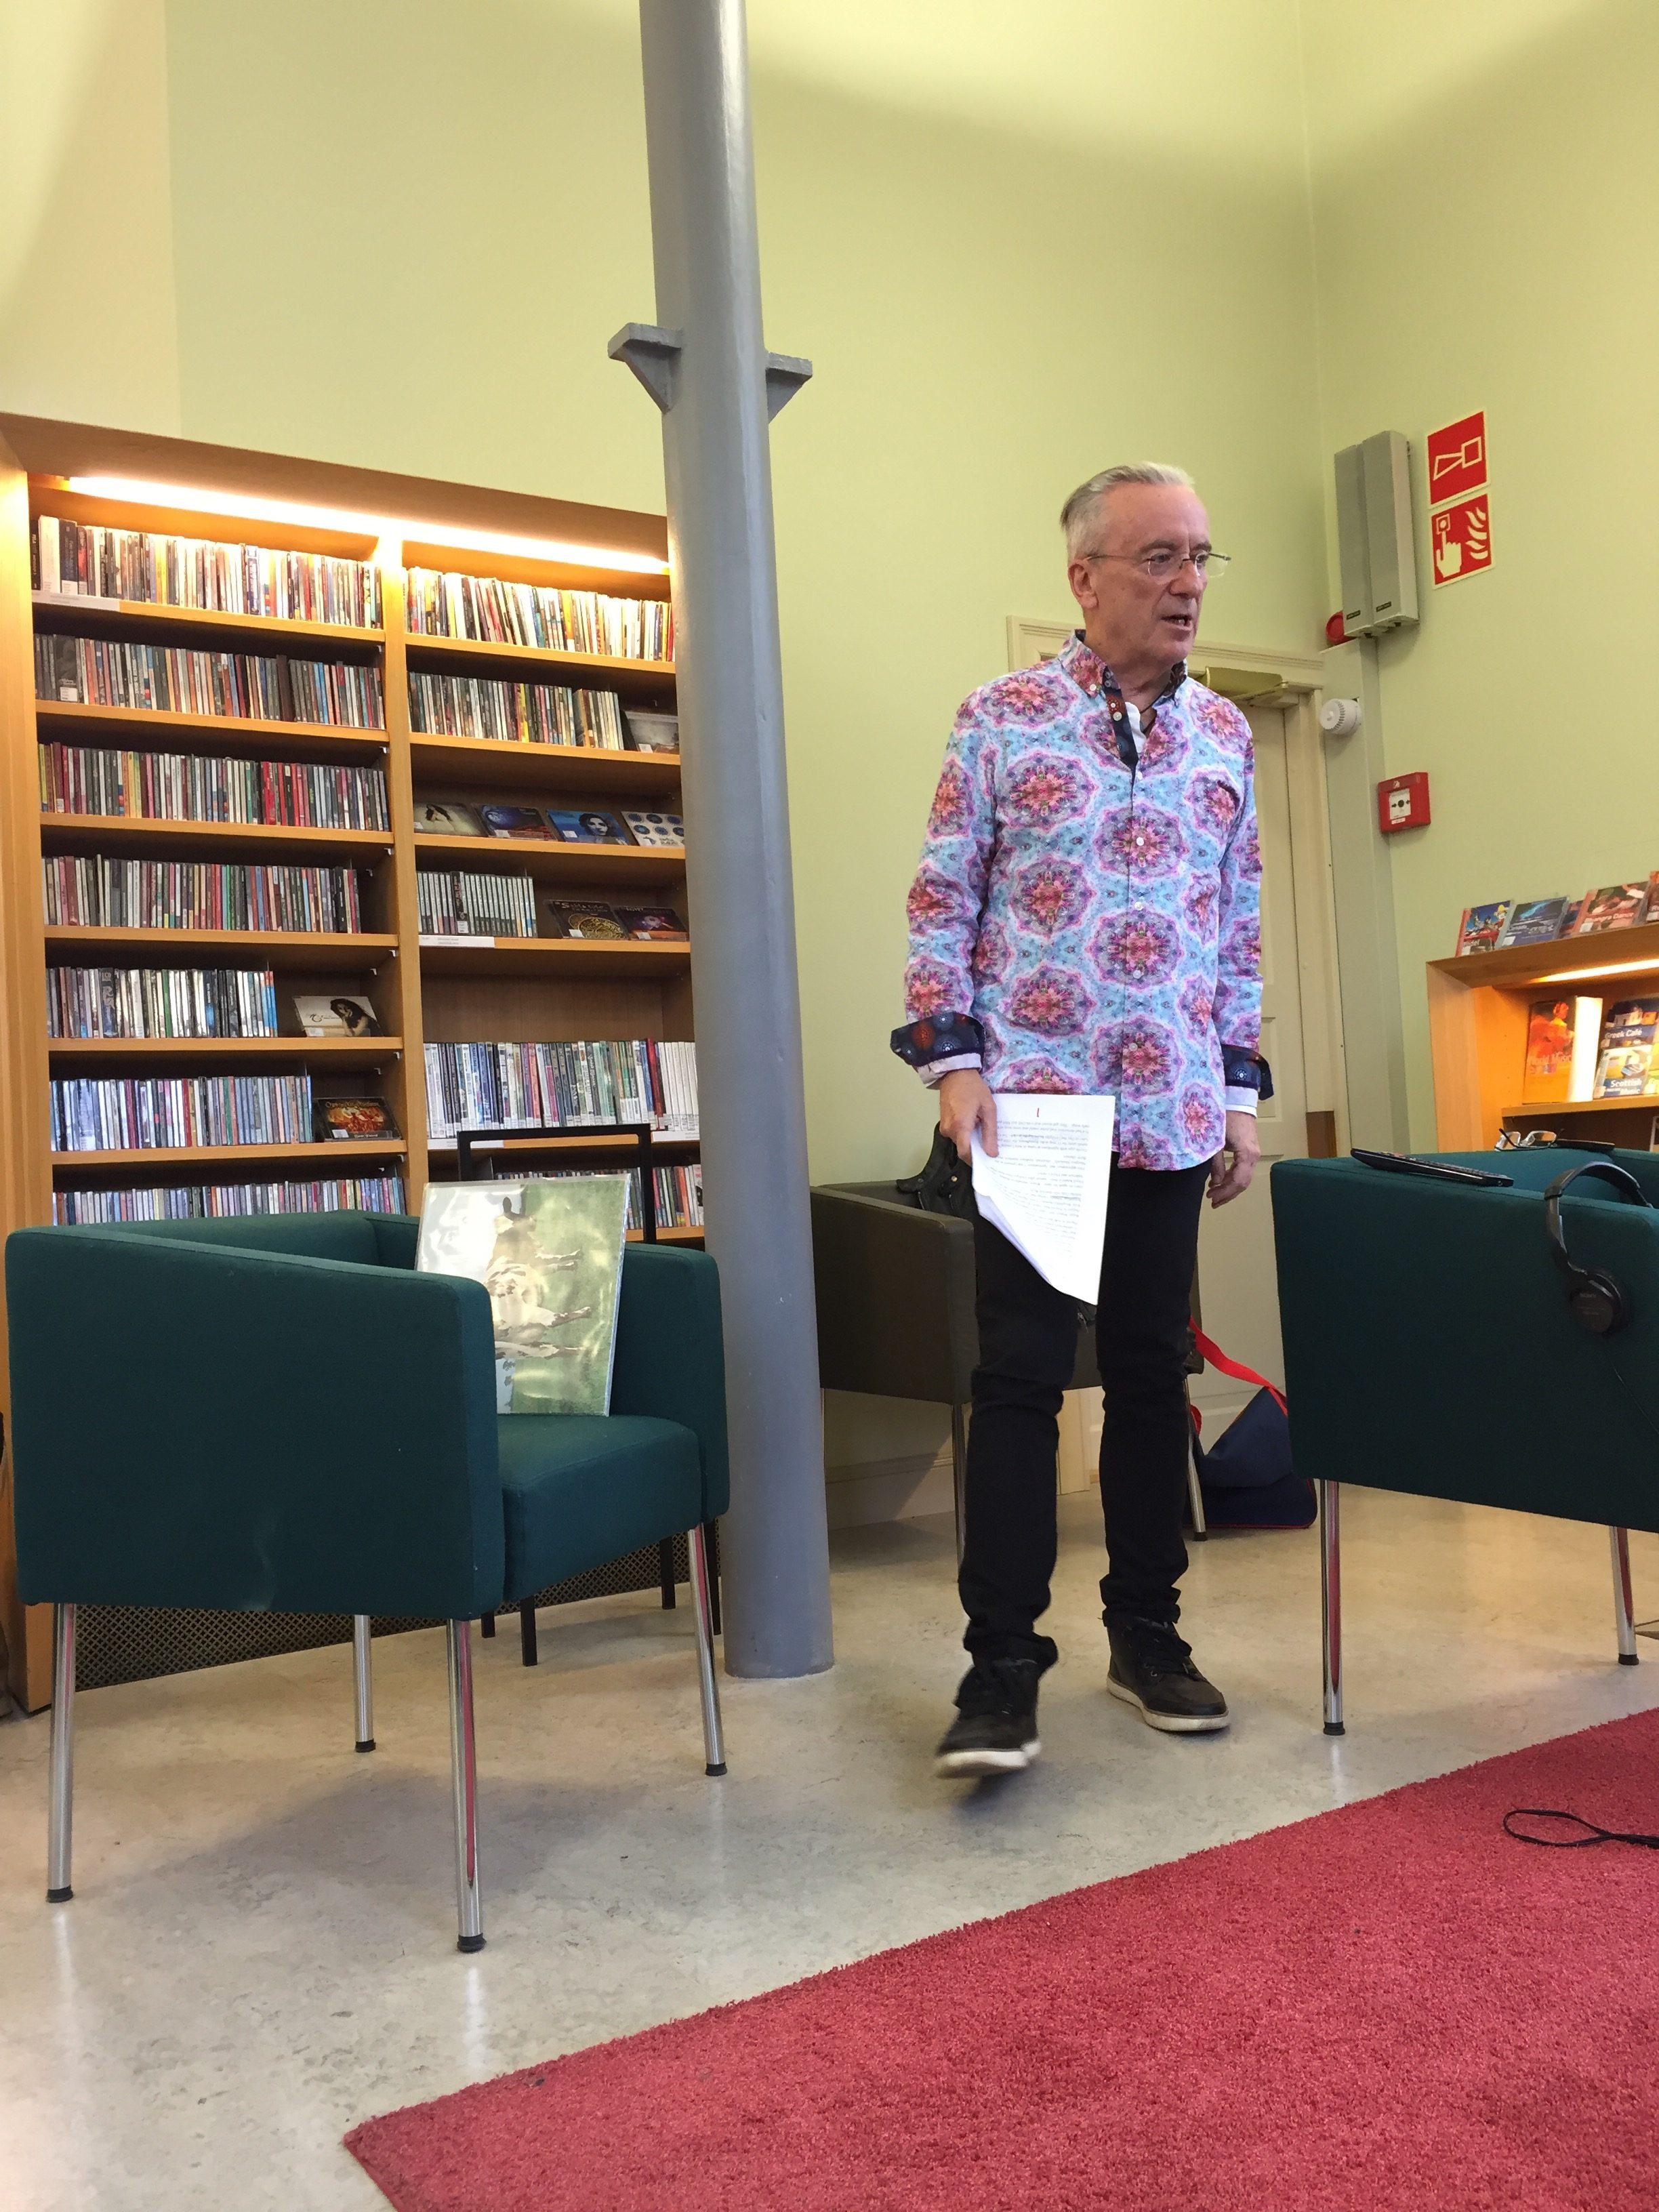 David Mawbyn ensimmäinen luento Turun musiikkikirjaston Stagella käsitteli varhaista Pink Floydia. Mawby vieraili Turun pääkirjastossa maaliskuussa 2017, vierellään legendaarinen PF-albumi 'Atom Heart Mother'. Kuva: Tuomas Pelttari.